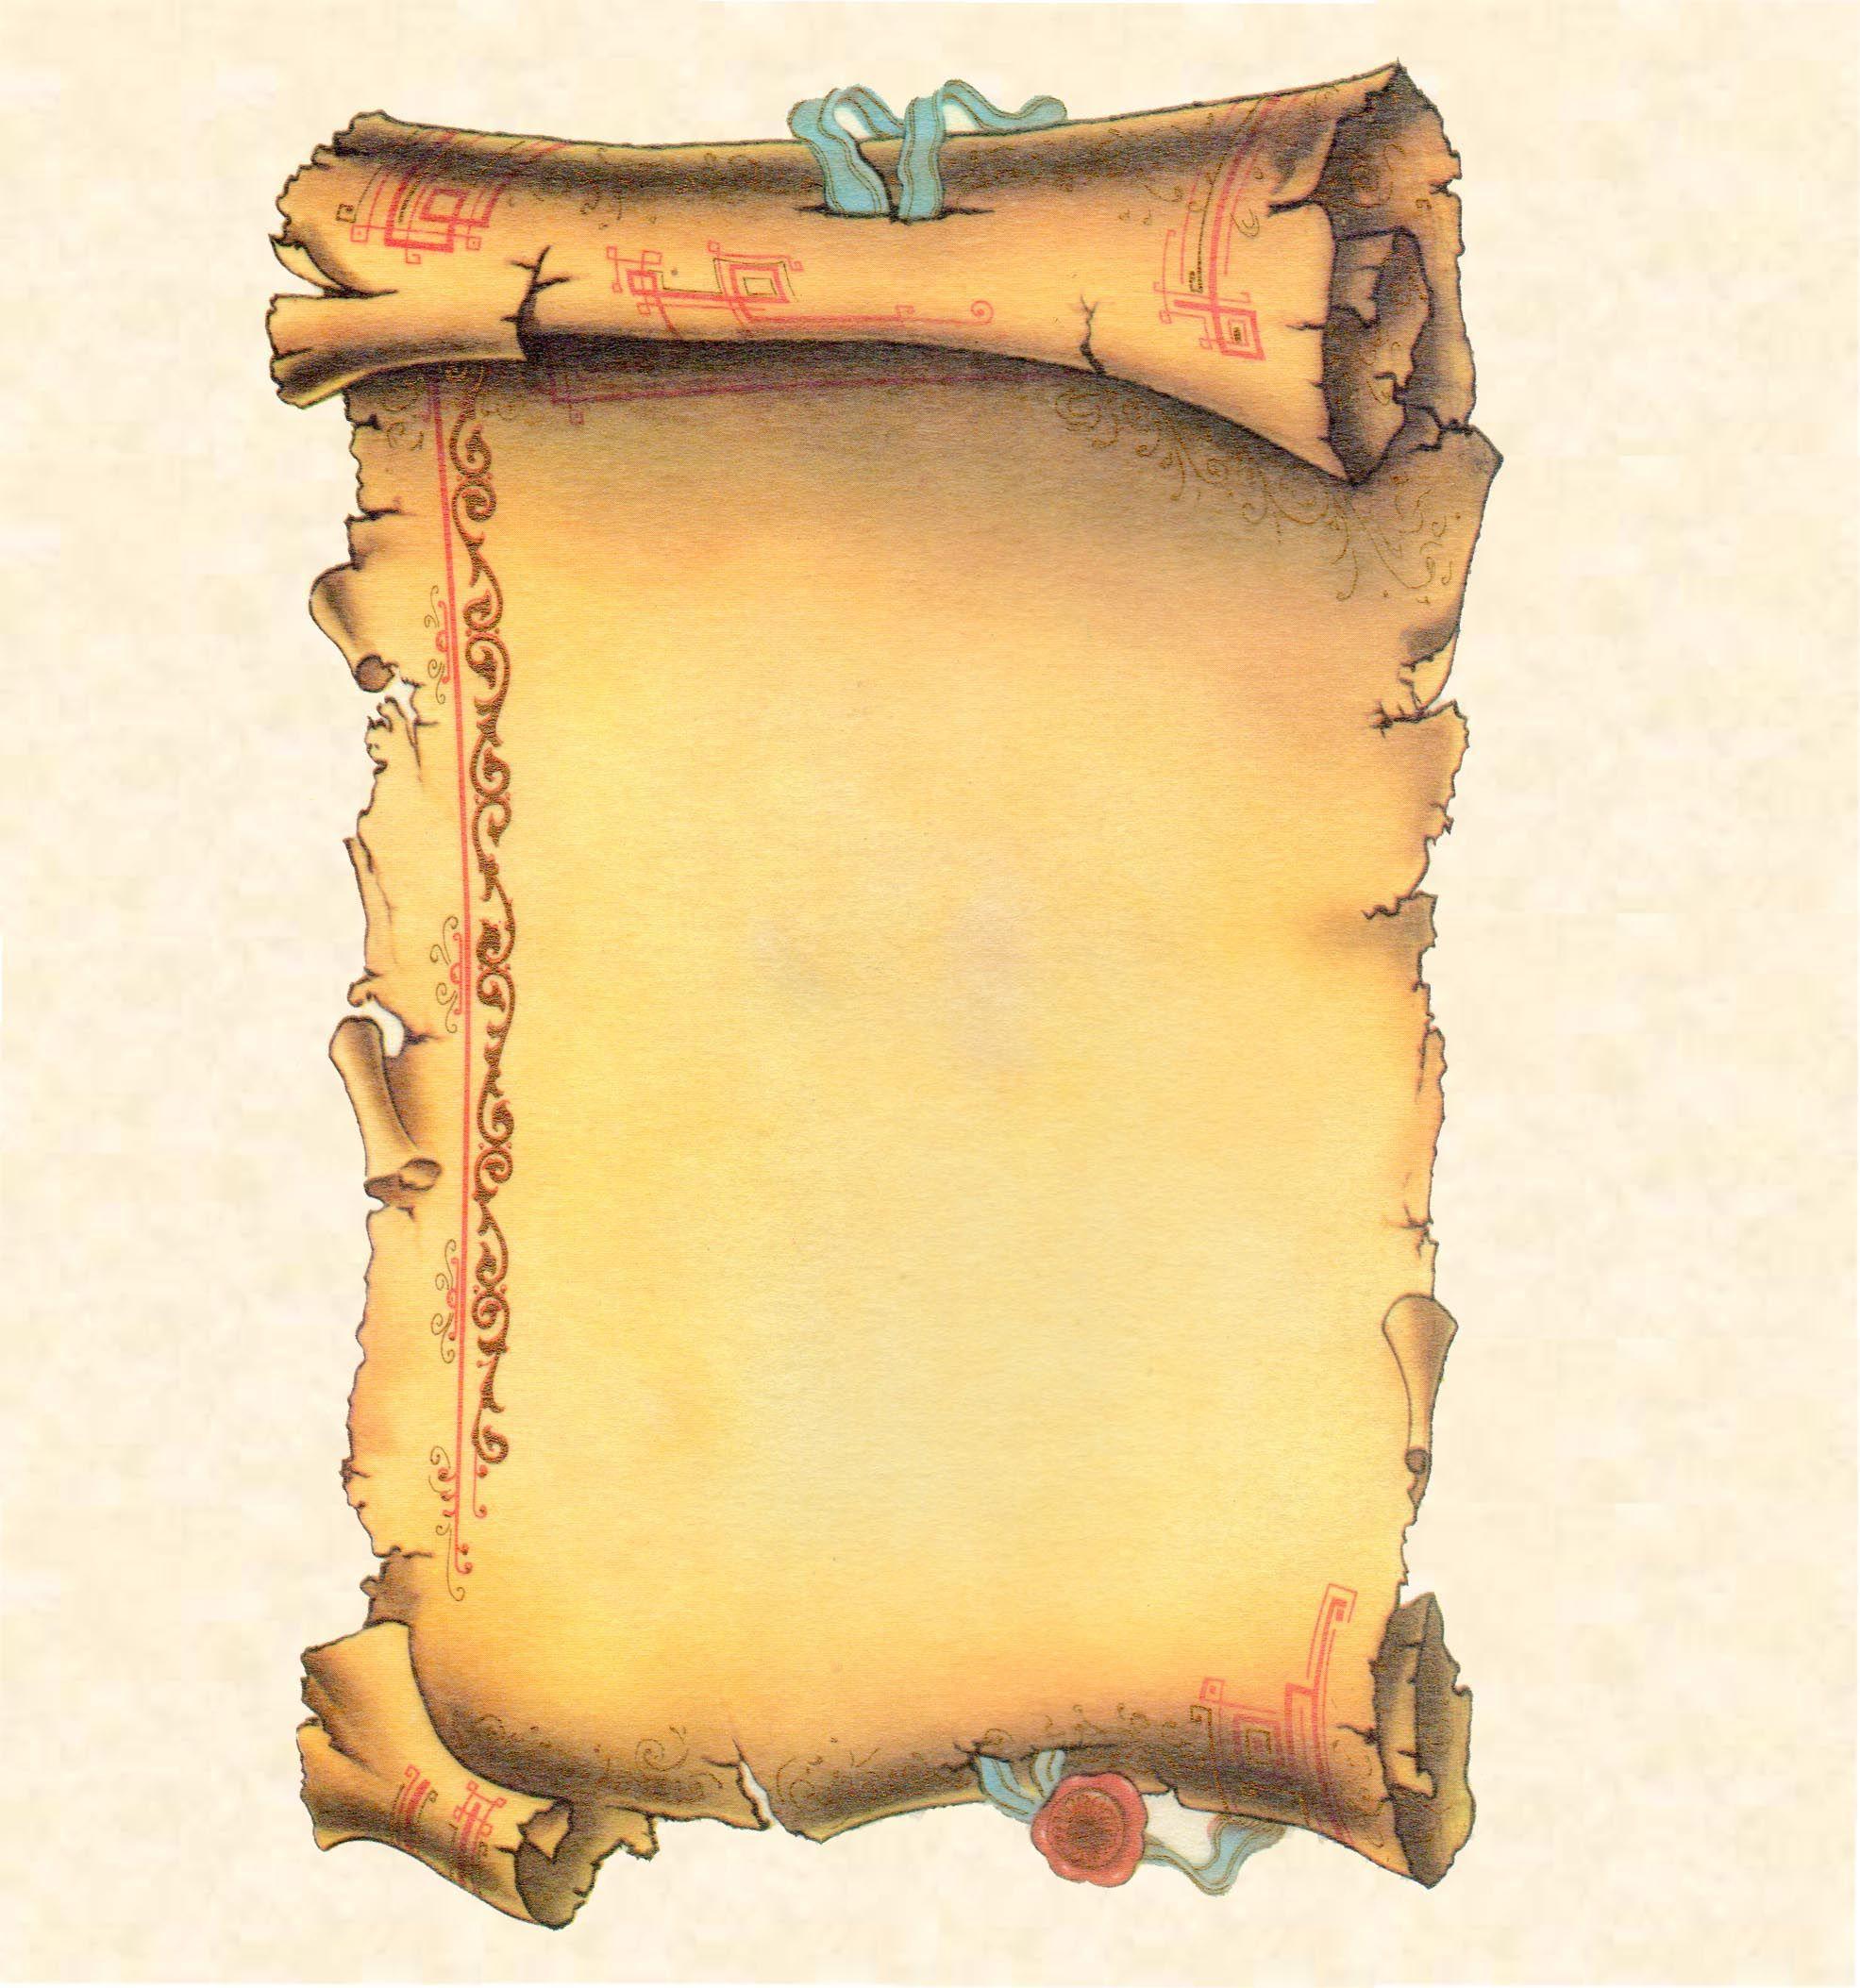 Sfondi Natalizi Su Cui Scrivere.Risultati Immagini Per Immagini Di Pergamene Vuote 18 Pergaminos